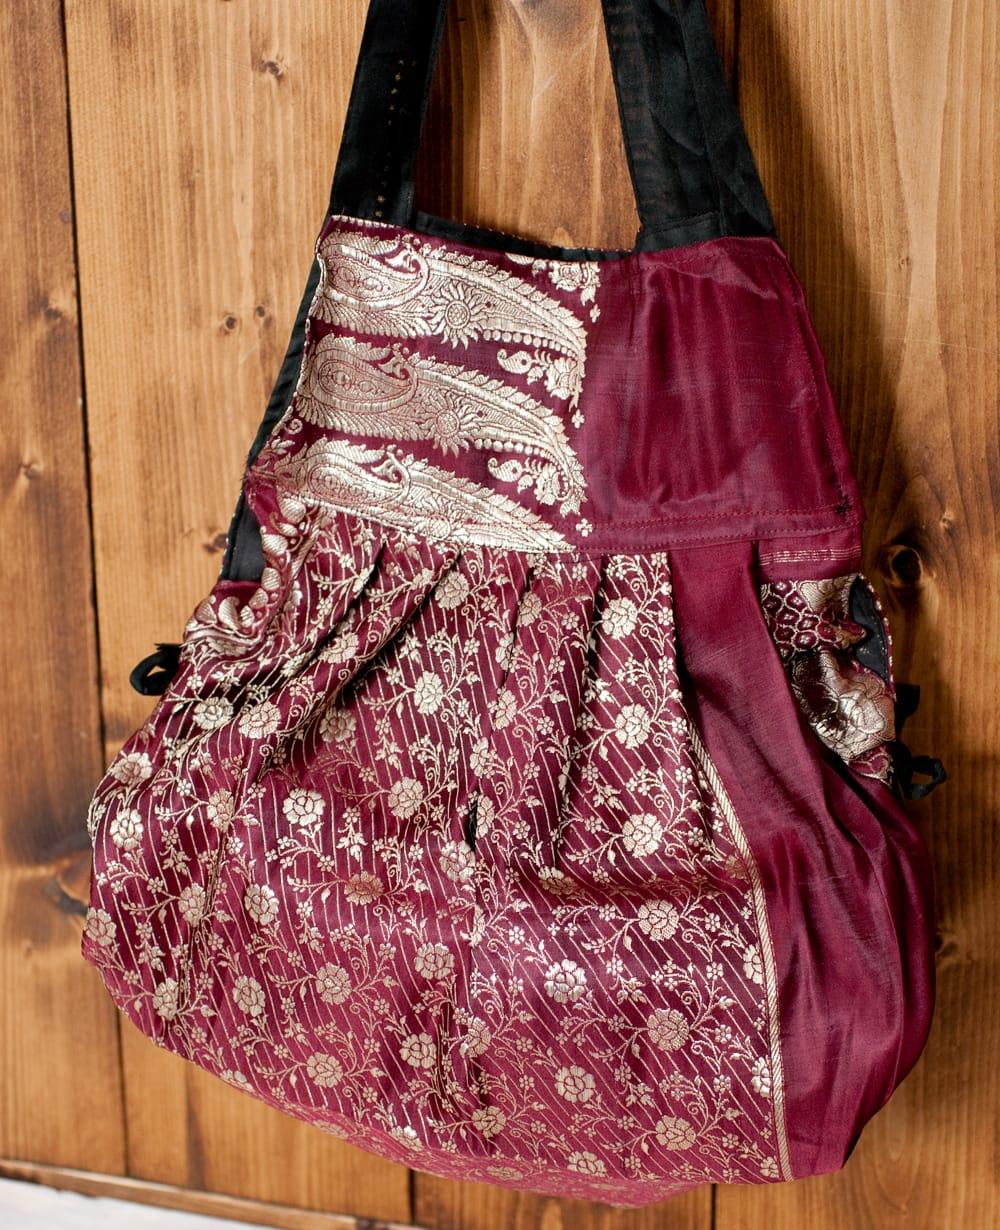 オールドシルクサリーのジッパー付き肩掛けバッグ - 選べる一点物 12 - 紐を引くとこのようにシルエットを丸みを帯びた形に変えることができます。